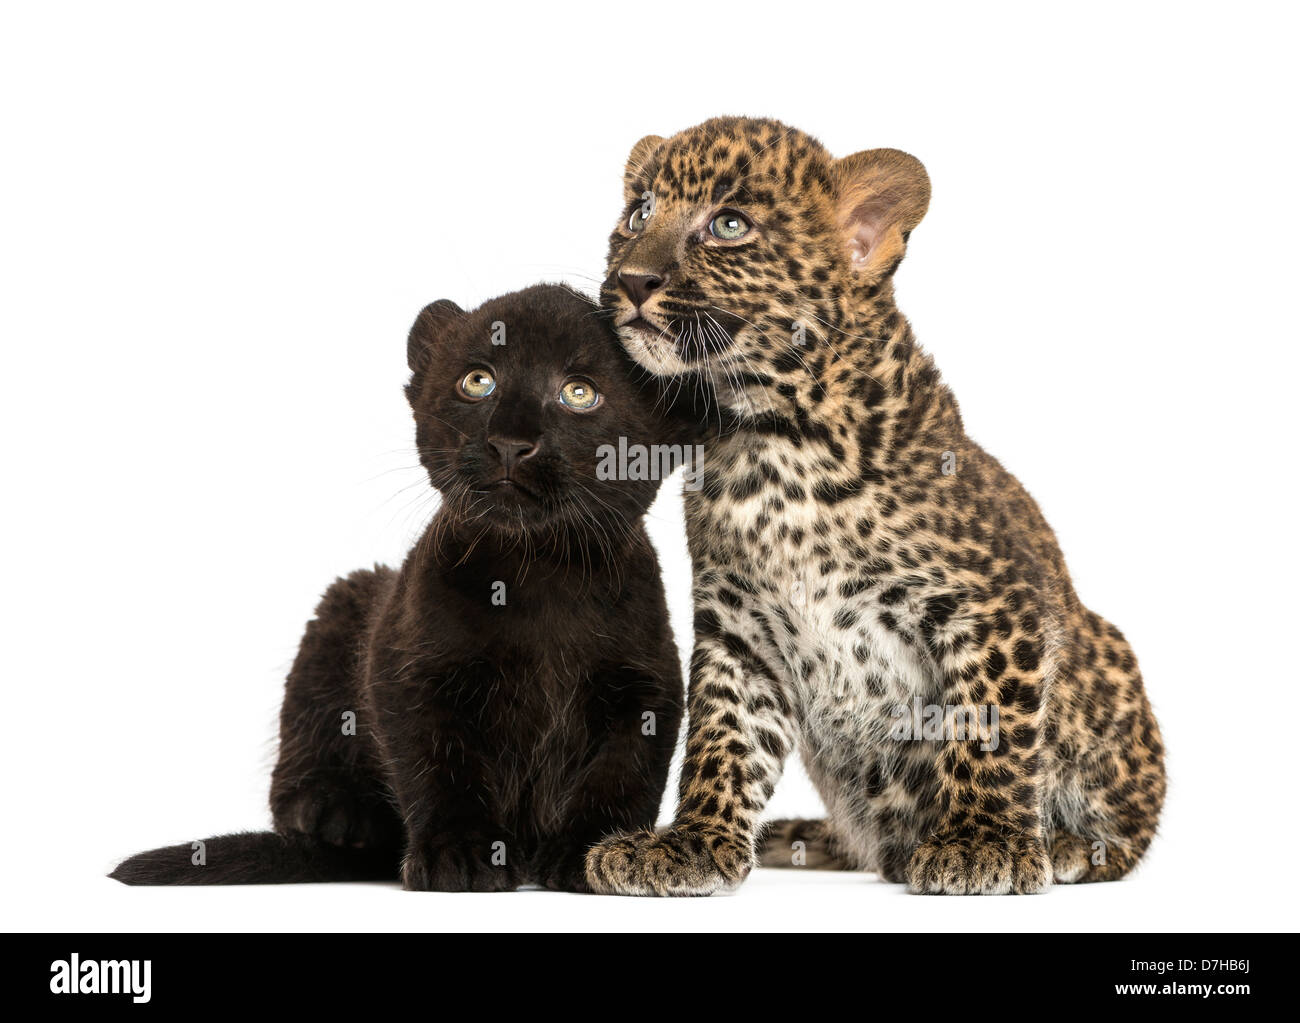 Nero e Spotted Leopard cubs seduto accanto a ogni altra contro uno sfondo bianco Immagini Stock